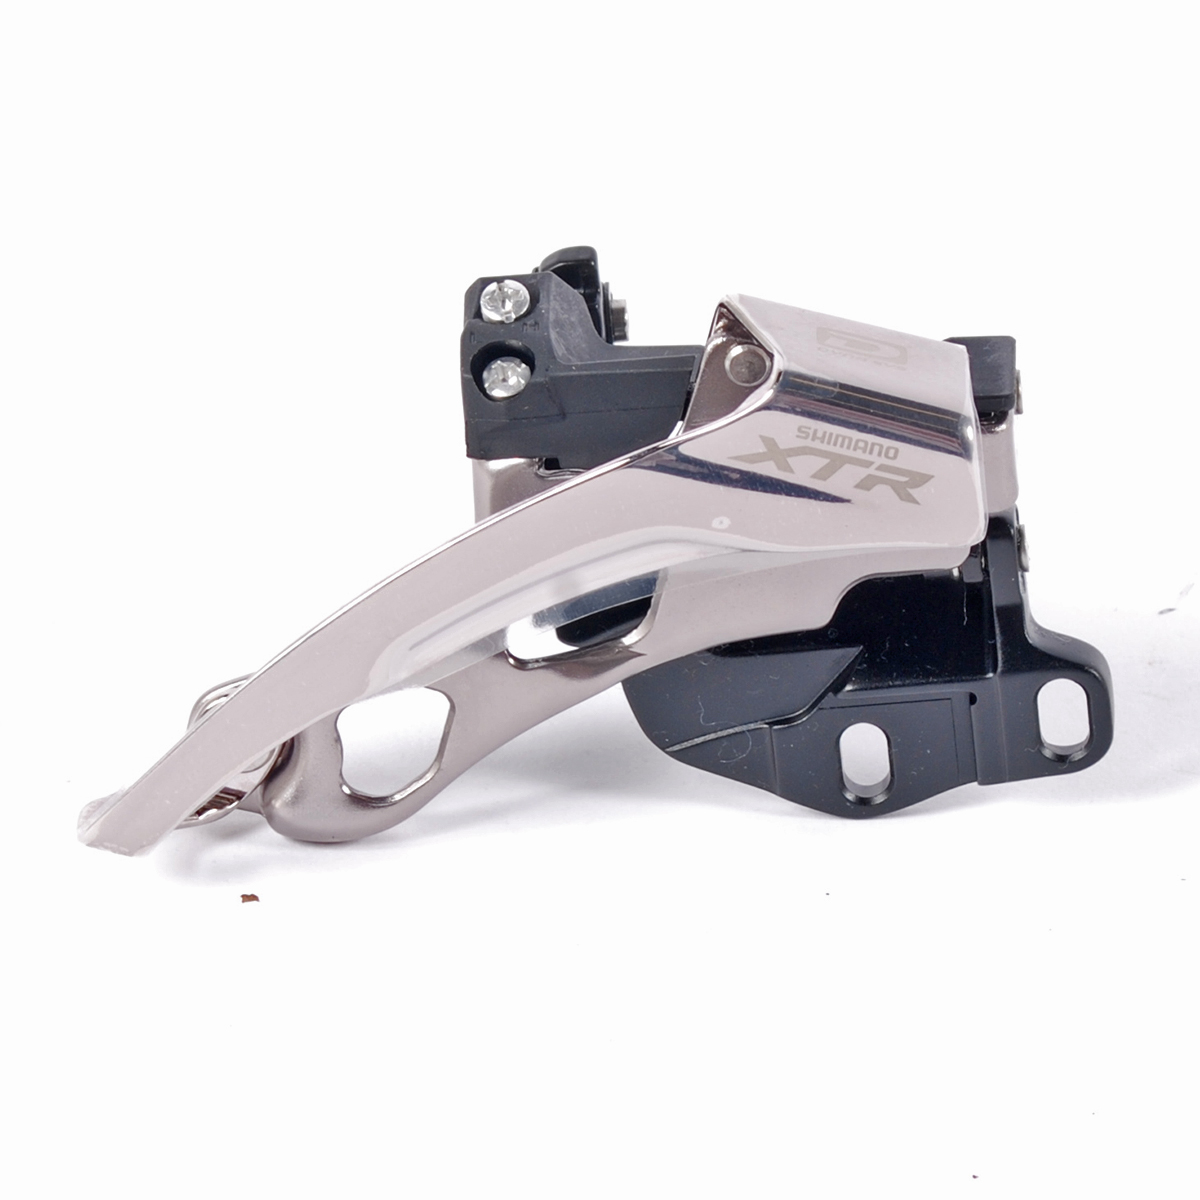 Shimano XTR FD-M980E MTB desviador 3 x 10 velocidades plata + Shimano en Veo y Compro